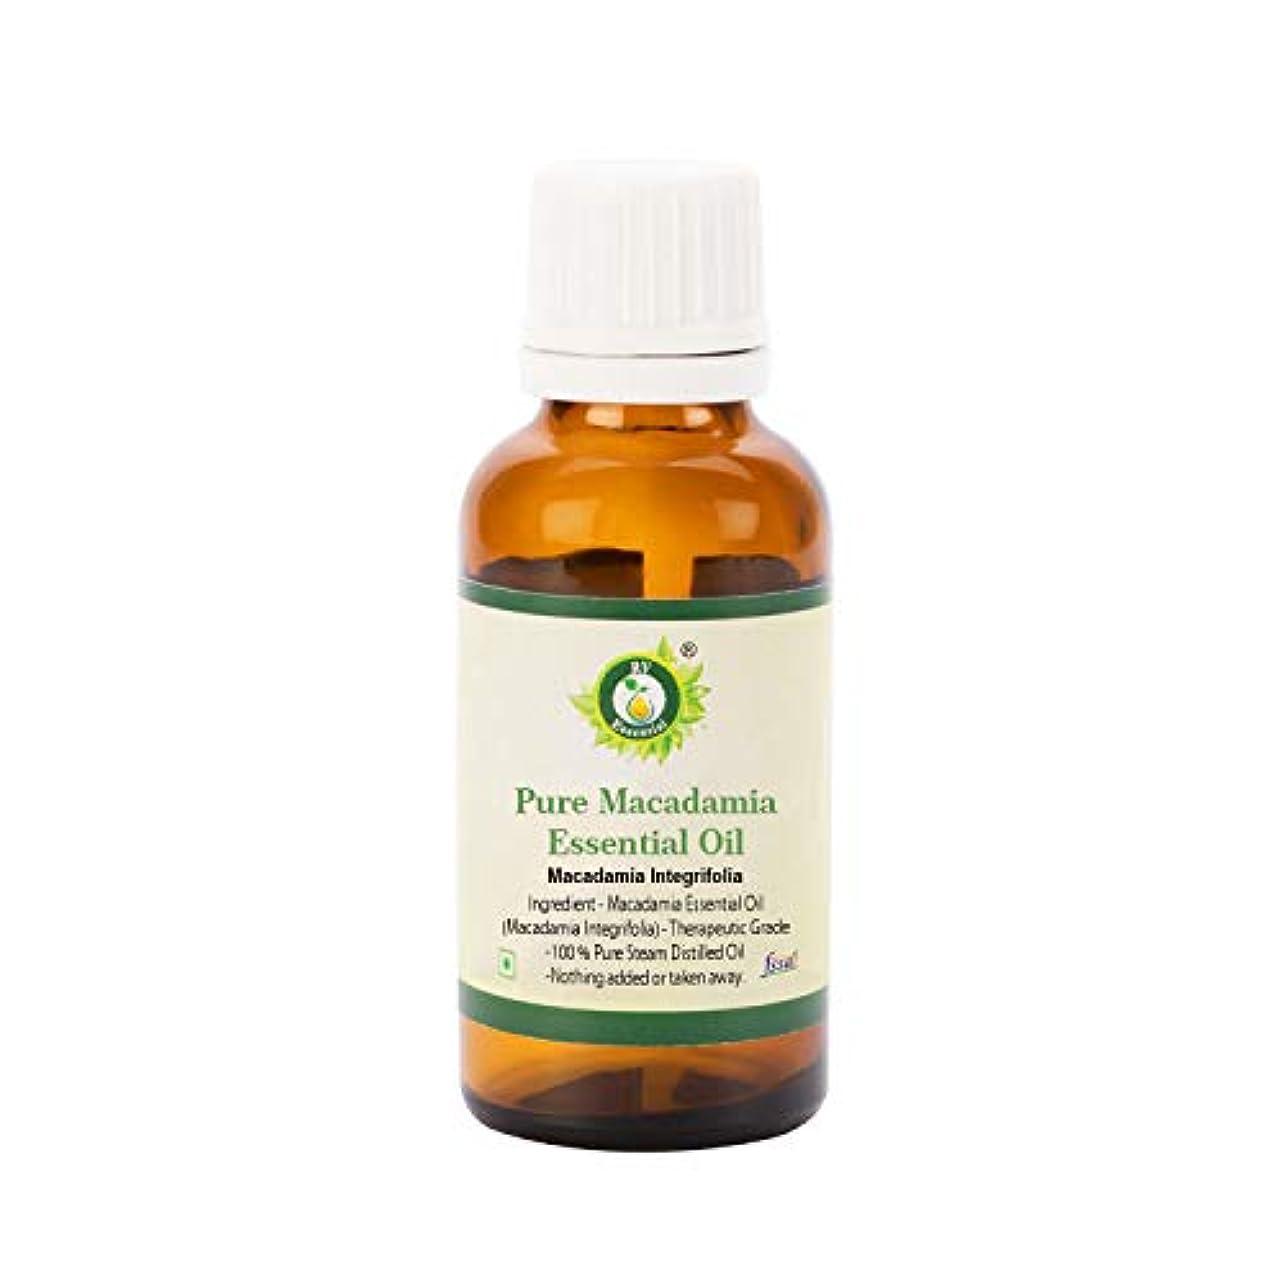 メロディー精査くさびR V Essential ピュアマカデミアエッセンシャルオイル5ml (0.169oz)- Macadamia Integrifolia (100%純粋&天然スチームDistilled) Pure Macadamia Essential Oil